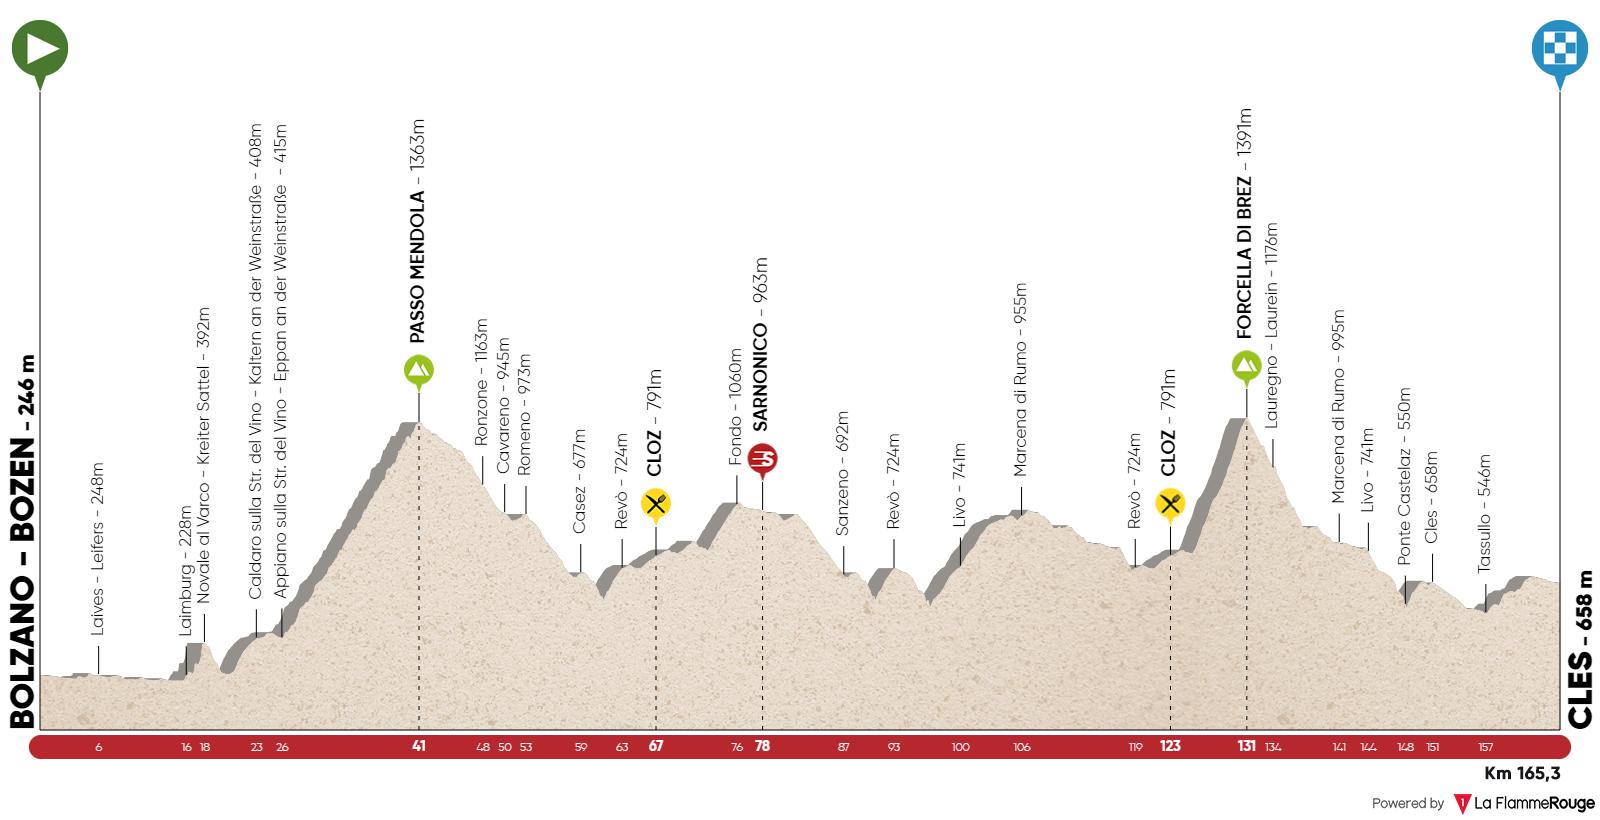 Diretta Tour of the Alps, Tappa 4, il resoconto LIVE delle fasi finali di gara: cinque corridori in fuga